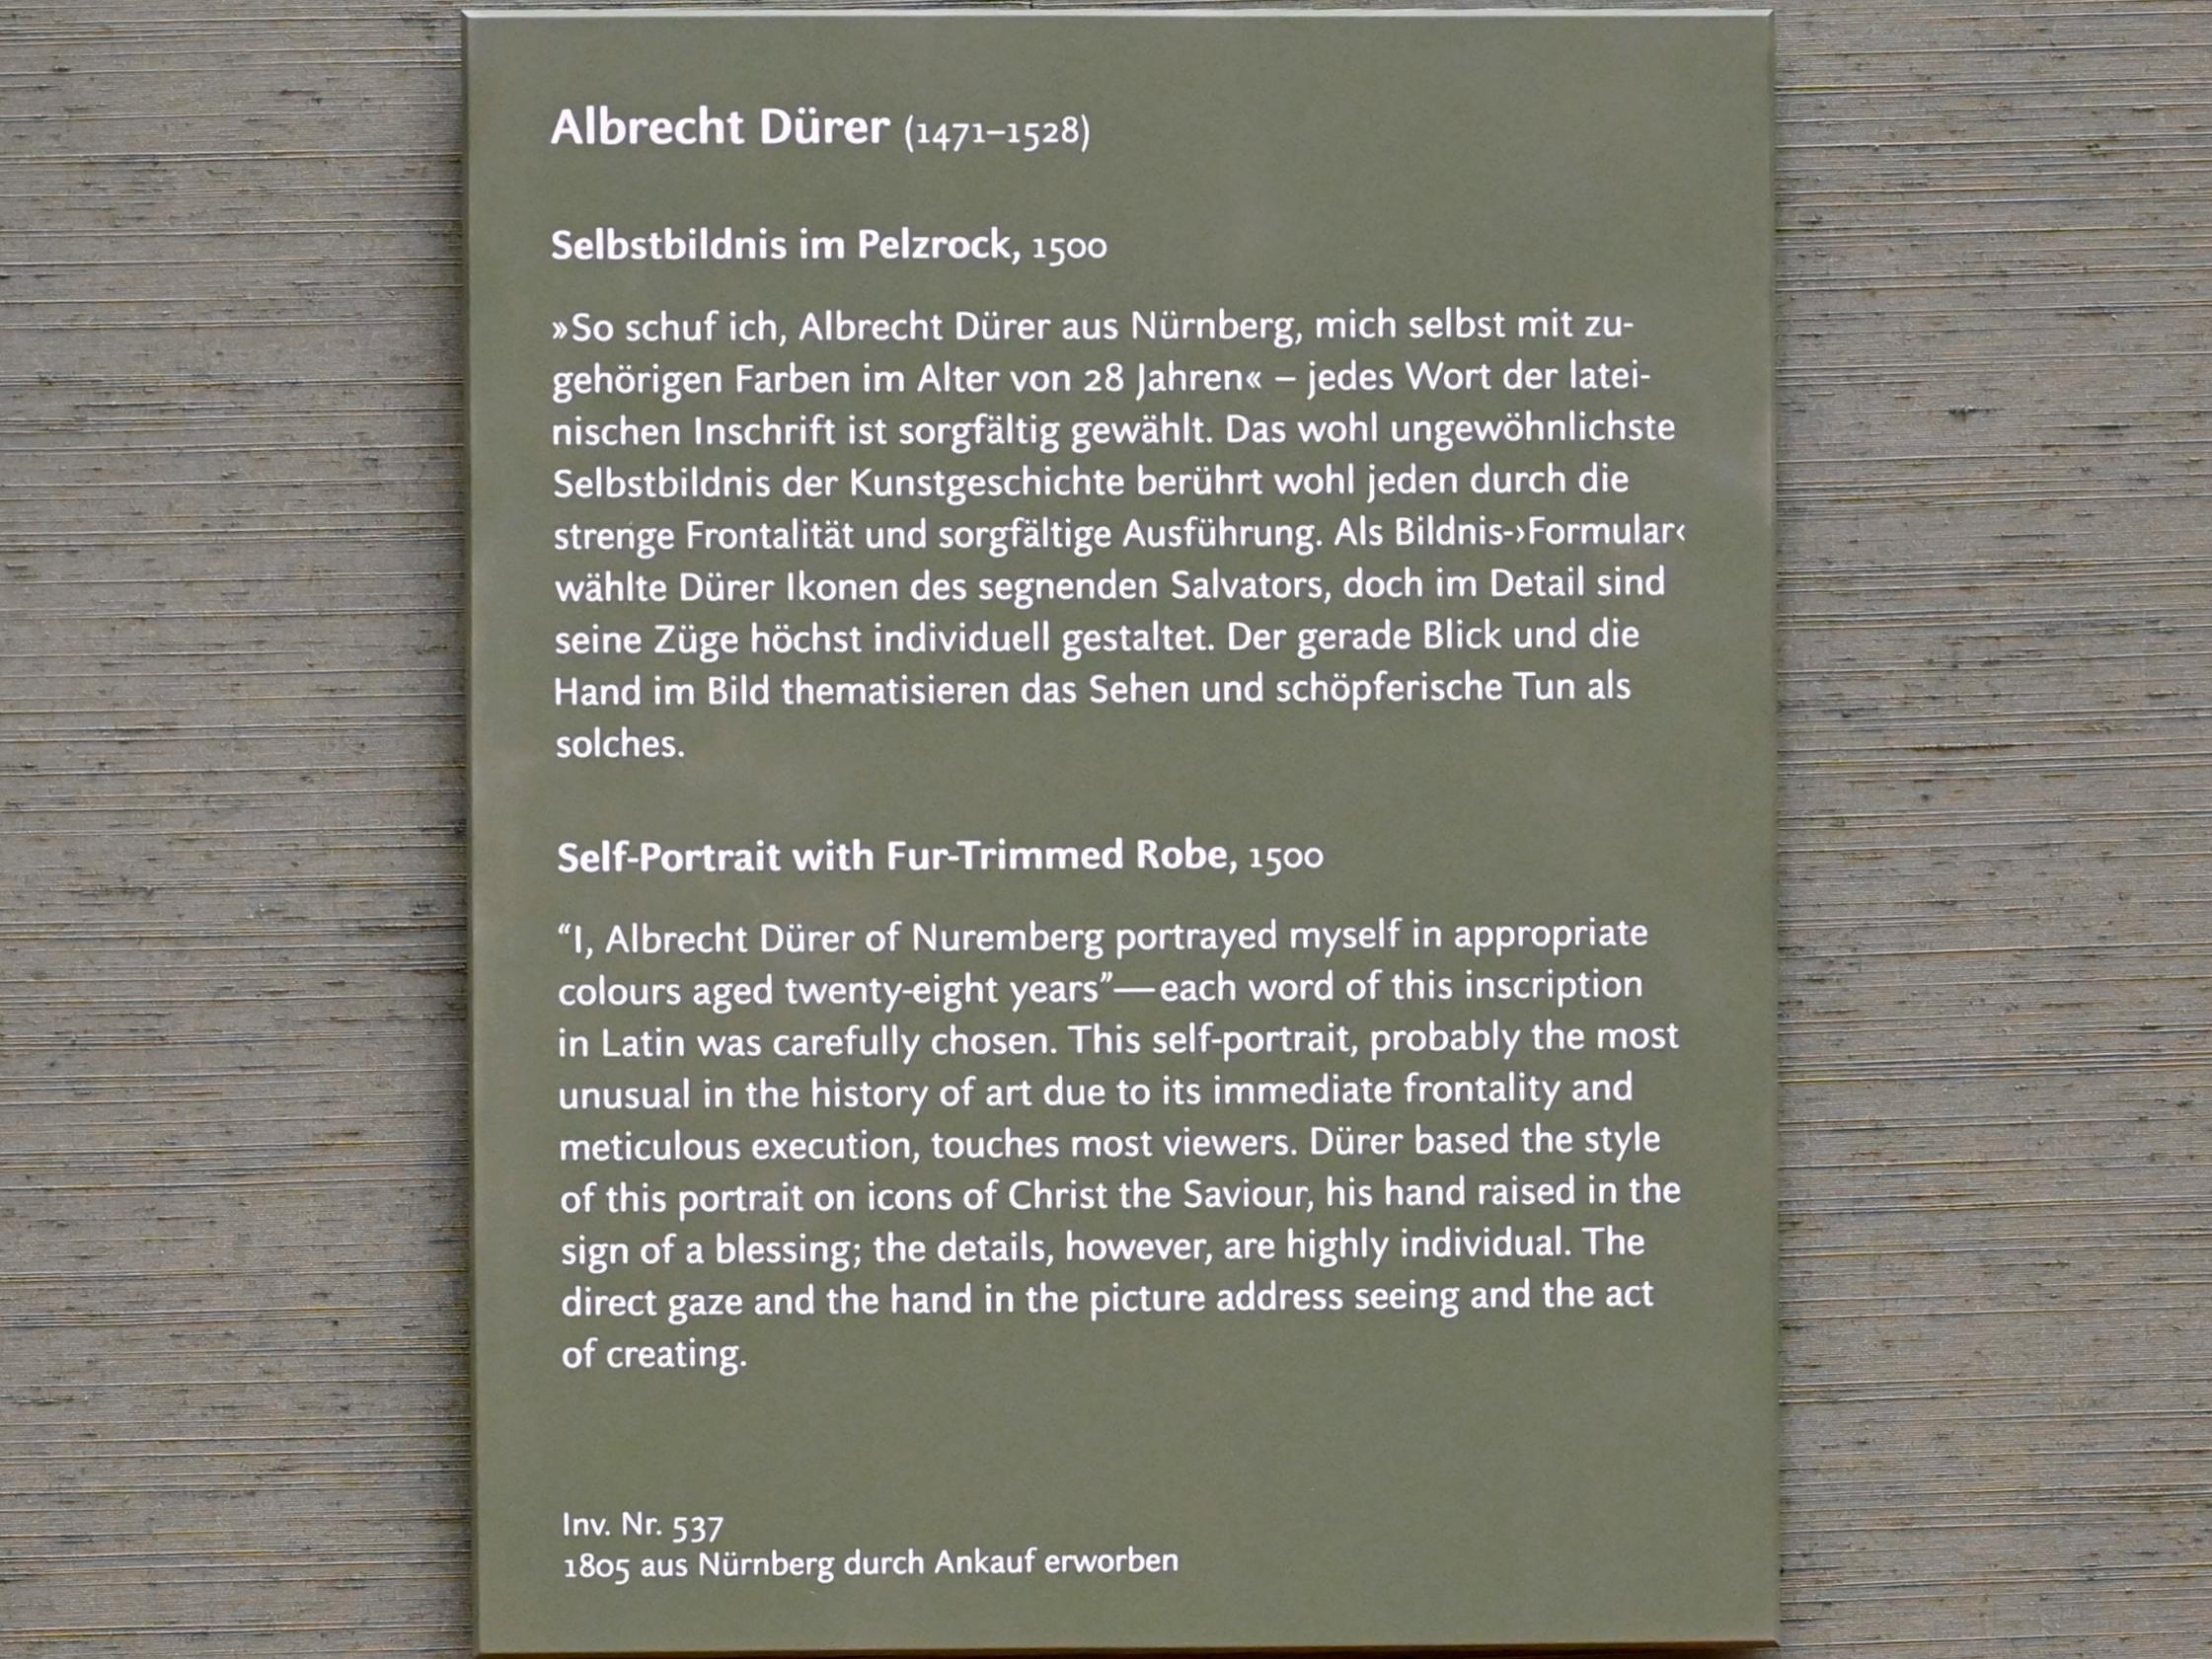 Albrecht Dürer: Selbstbildnis im Pelzrock, 1500